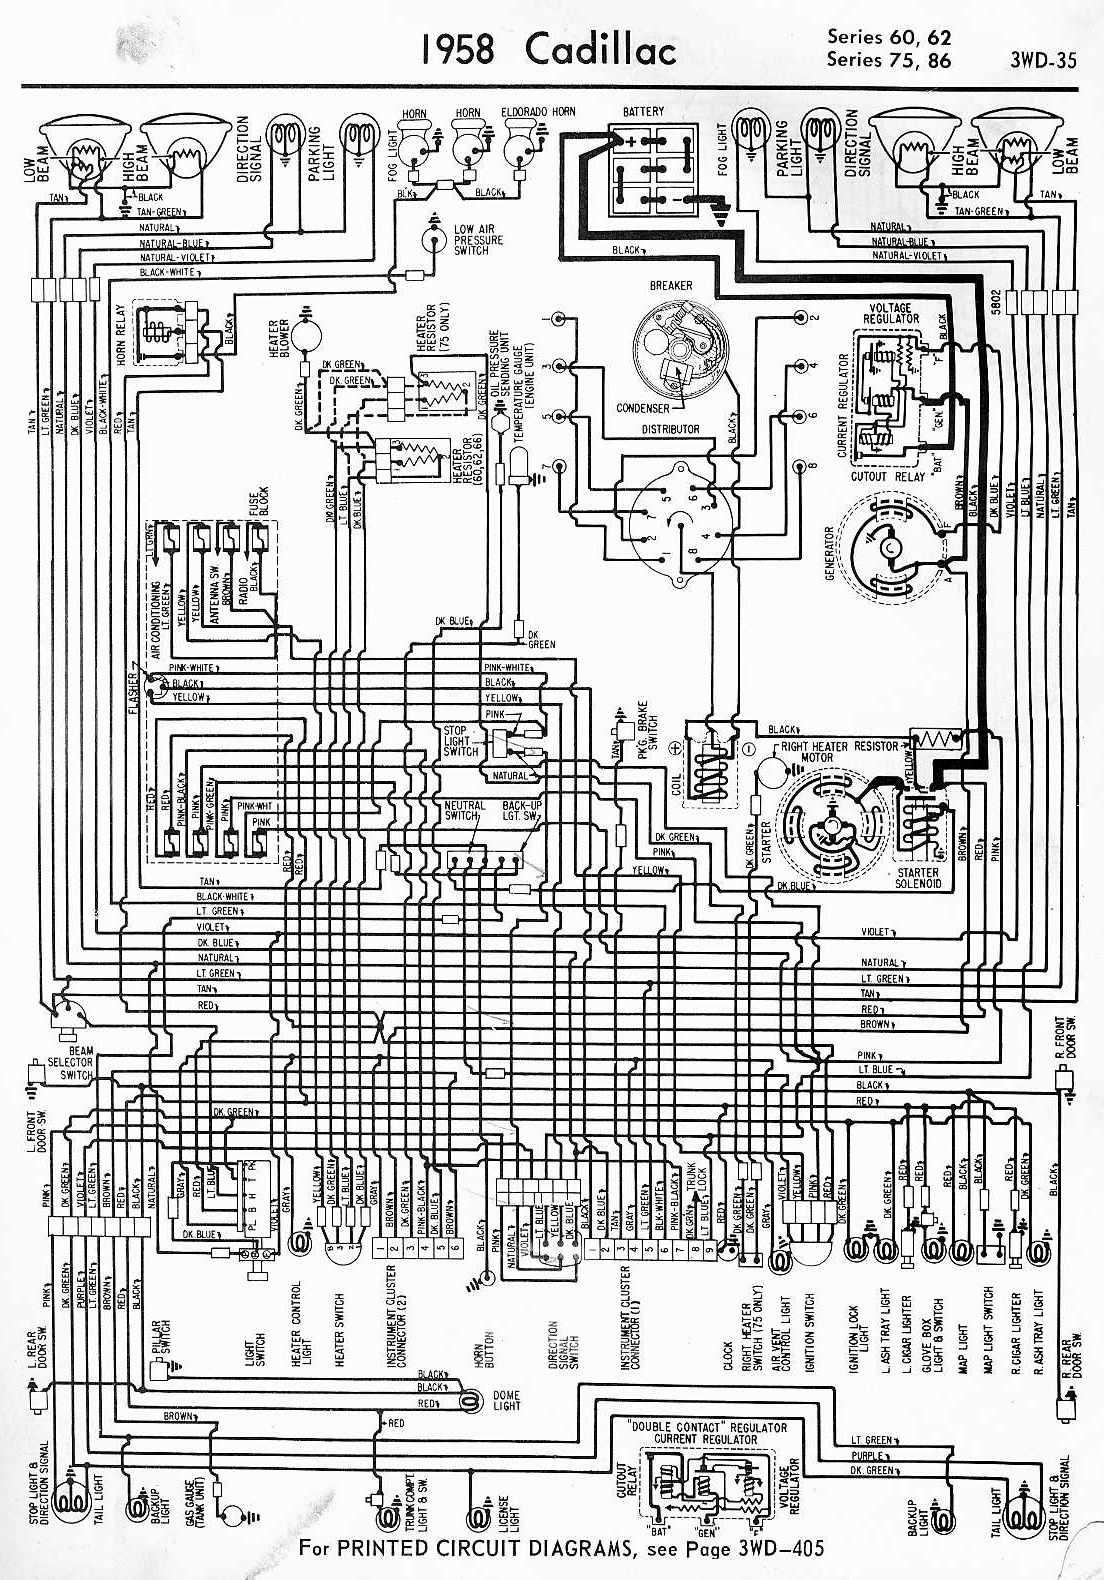 1986 Camaro Fuse Box Diagram Schematics 86 Wire Diagrams 79 Corvette